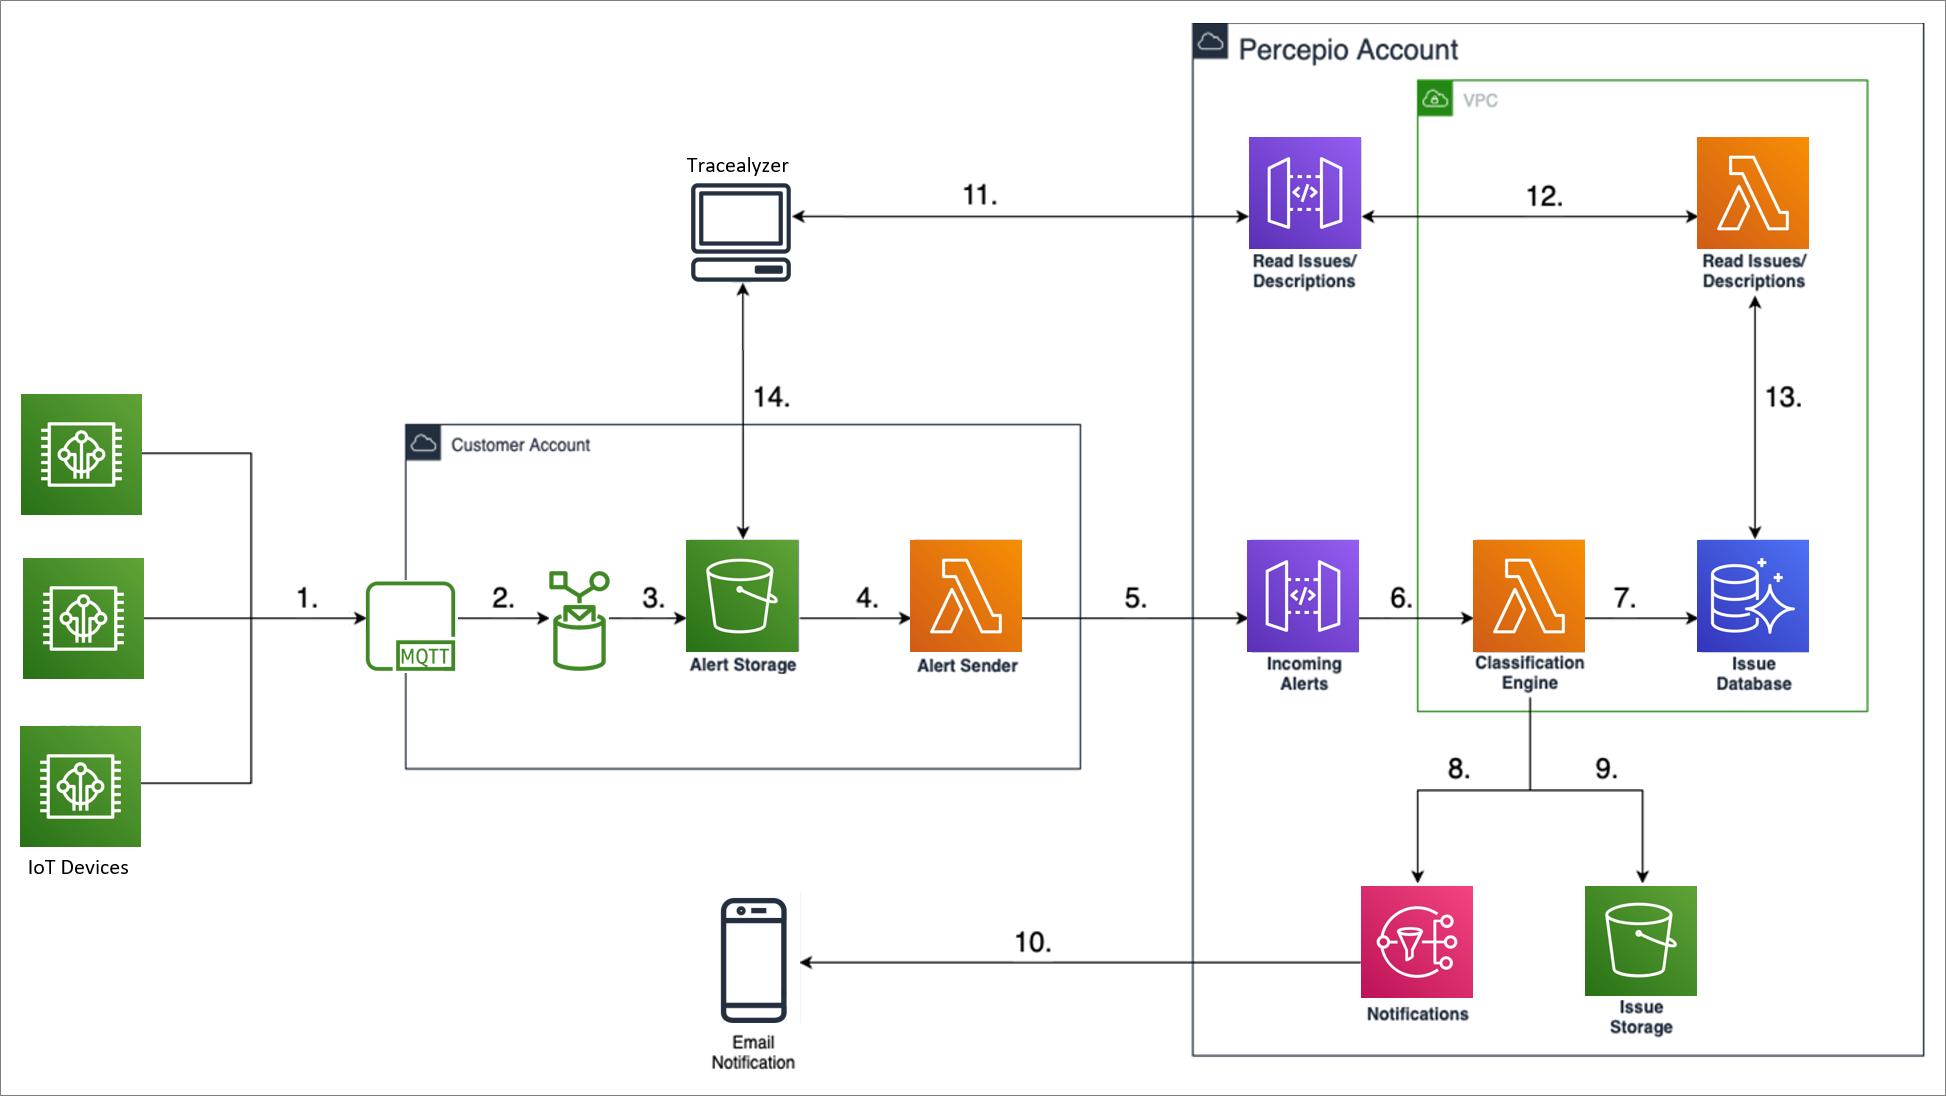 Percepio-DevAlert-AWS-IoT-1.1